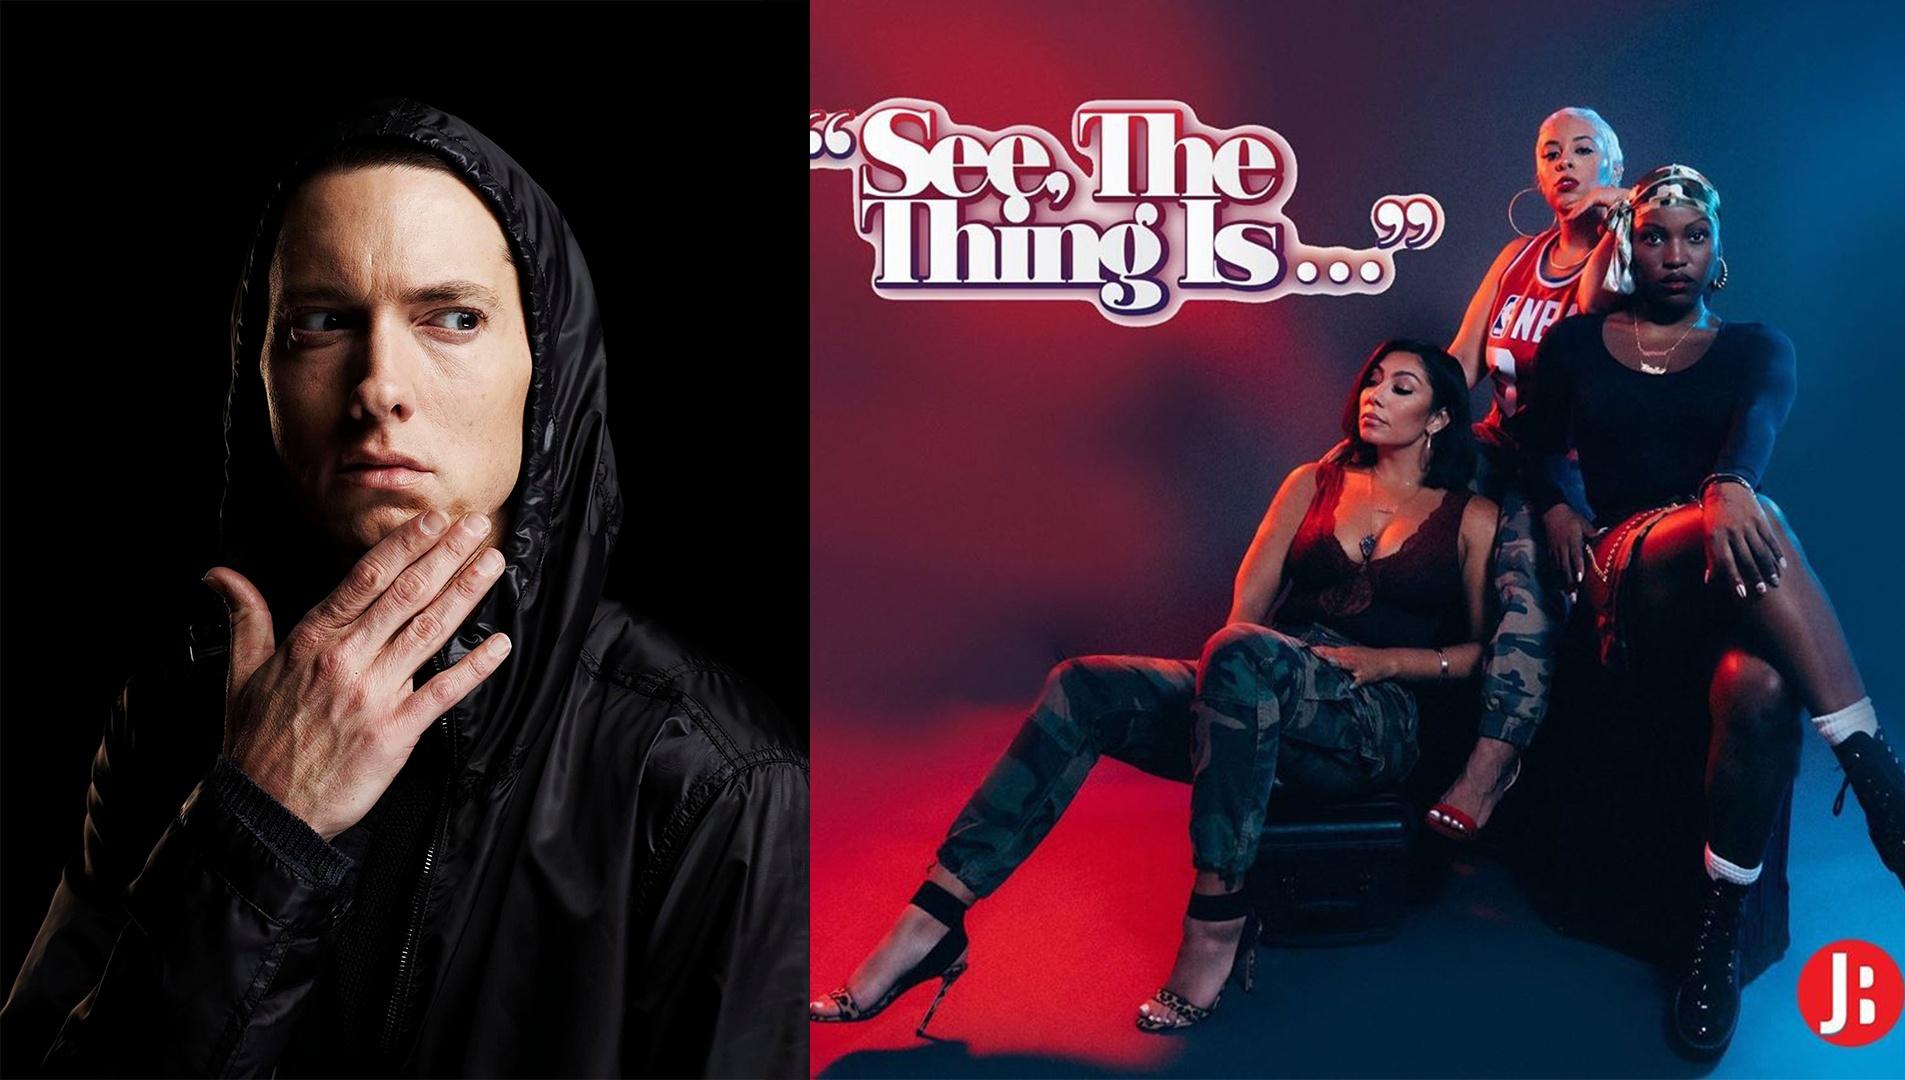 Bridget-Kelly-Eminem-Joe-Budden-Podcast